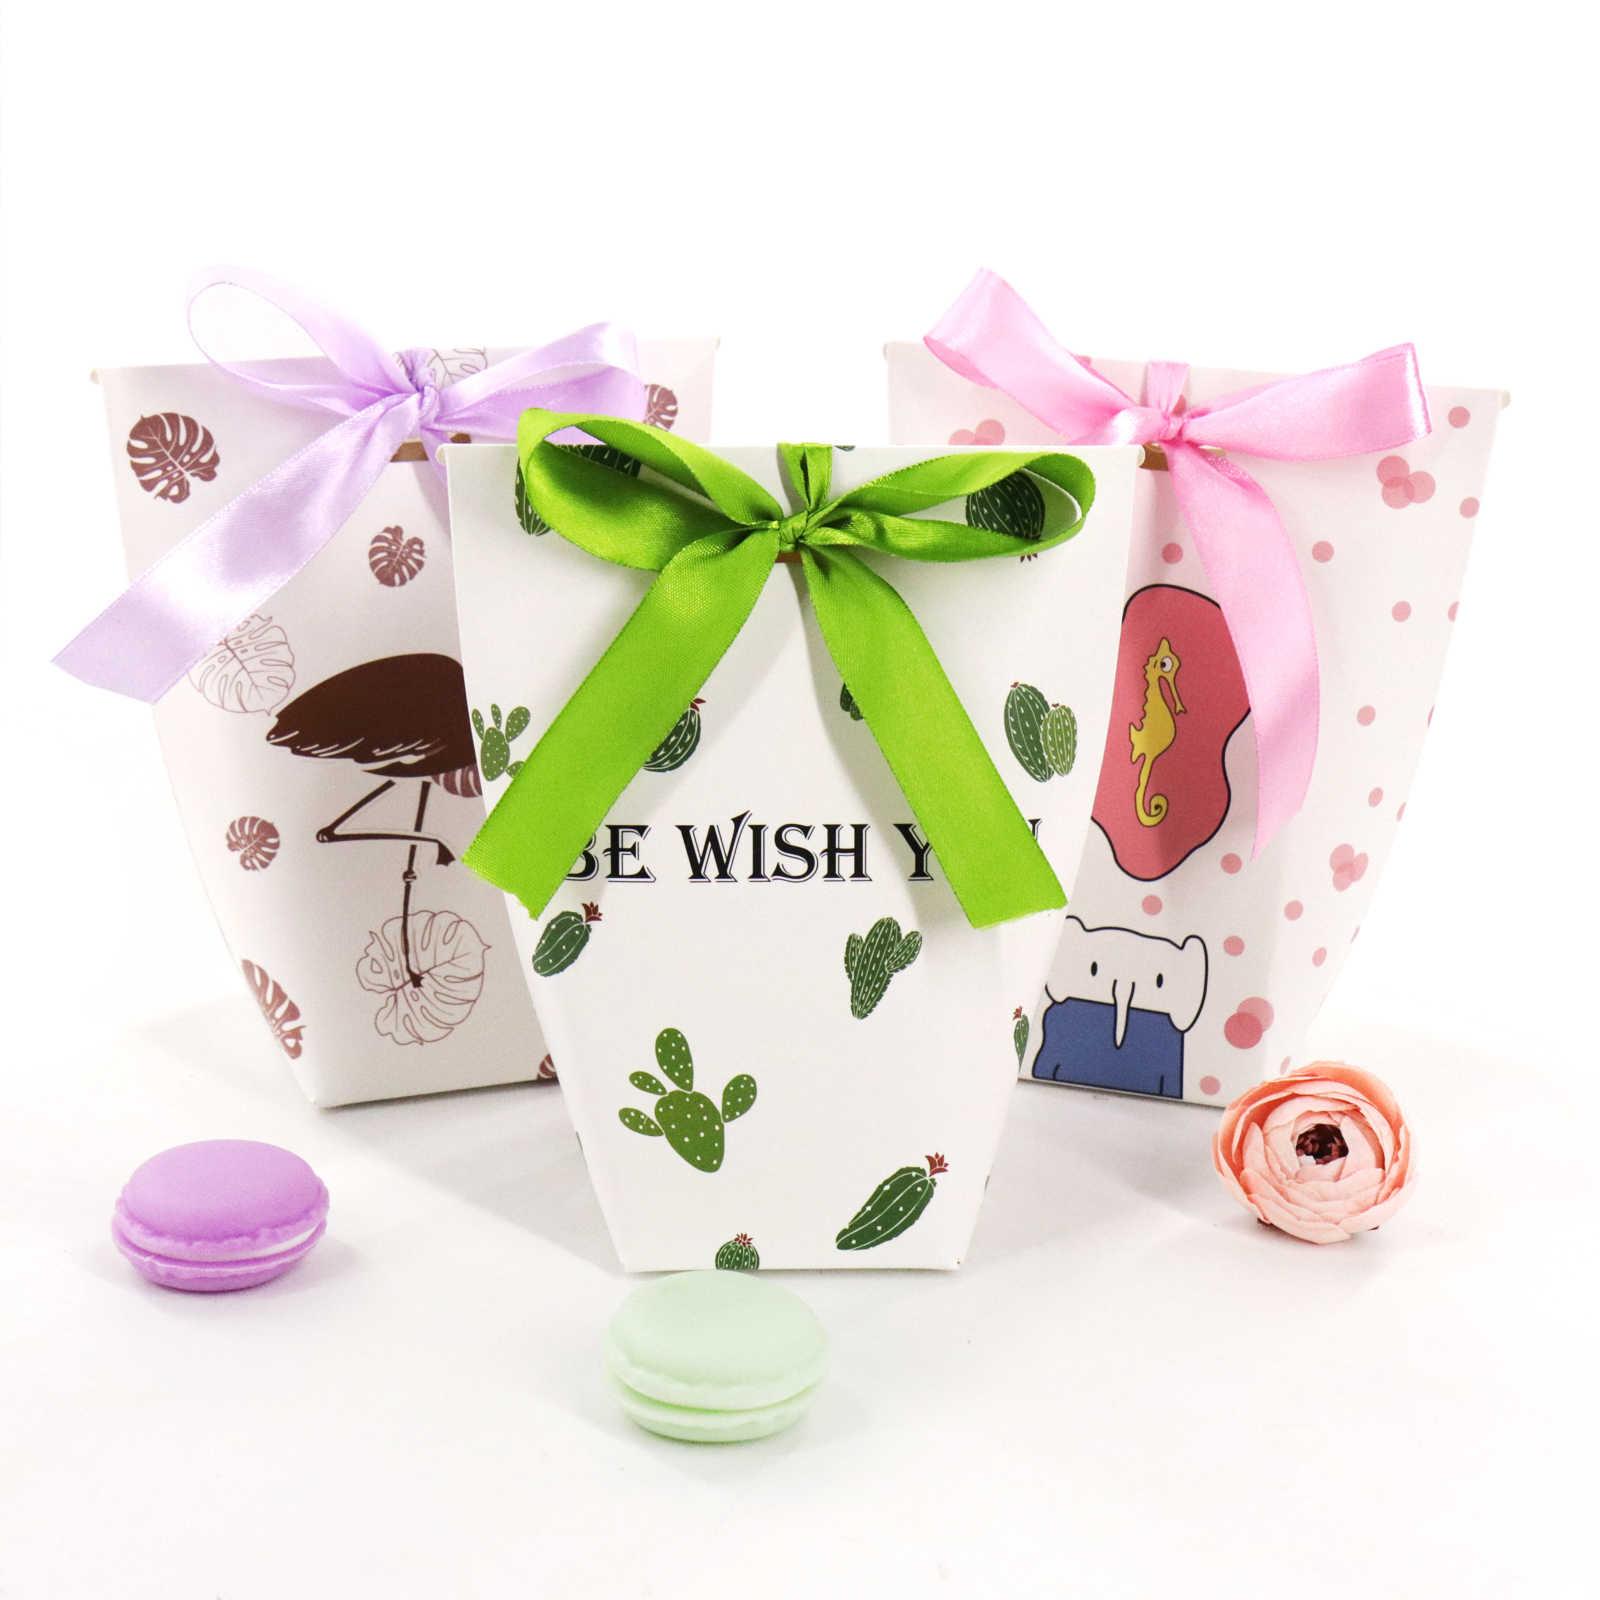 10 шт./партия, европейские Мультяшные Слоны/фламинго, свадебные коробочки для конфет сувенирная Подарочная коробка, бумажная упаковка, конфетный пакет, 16x7x7 см